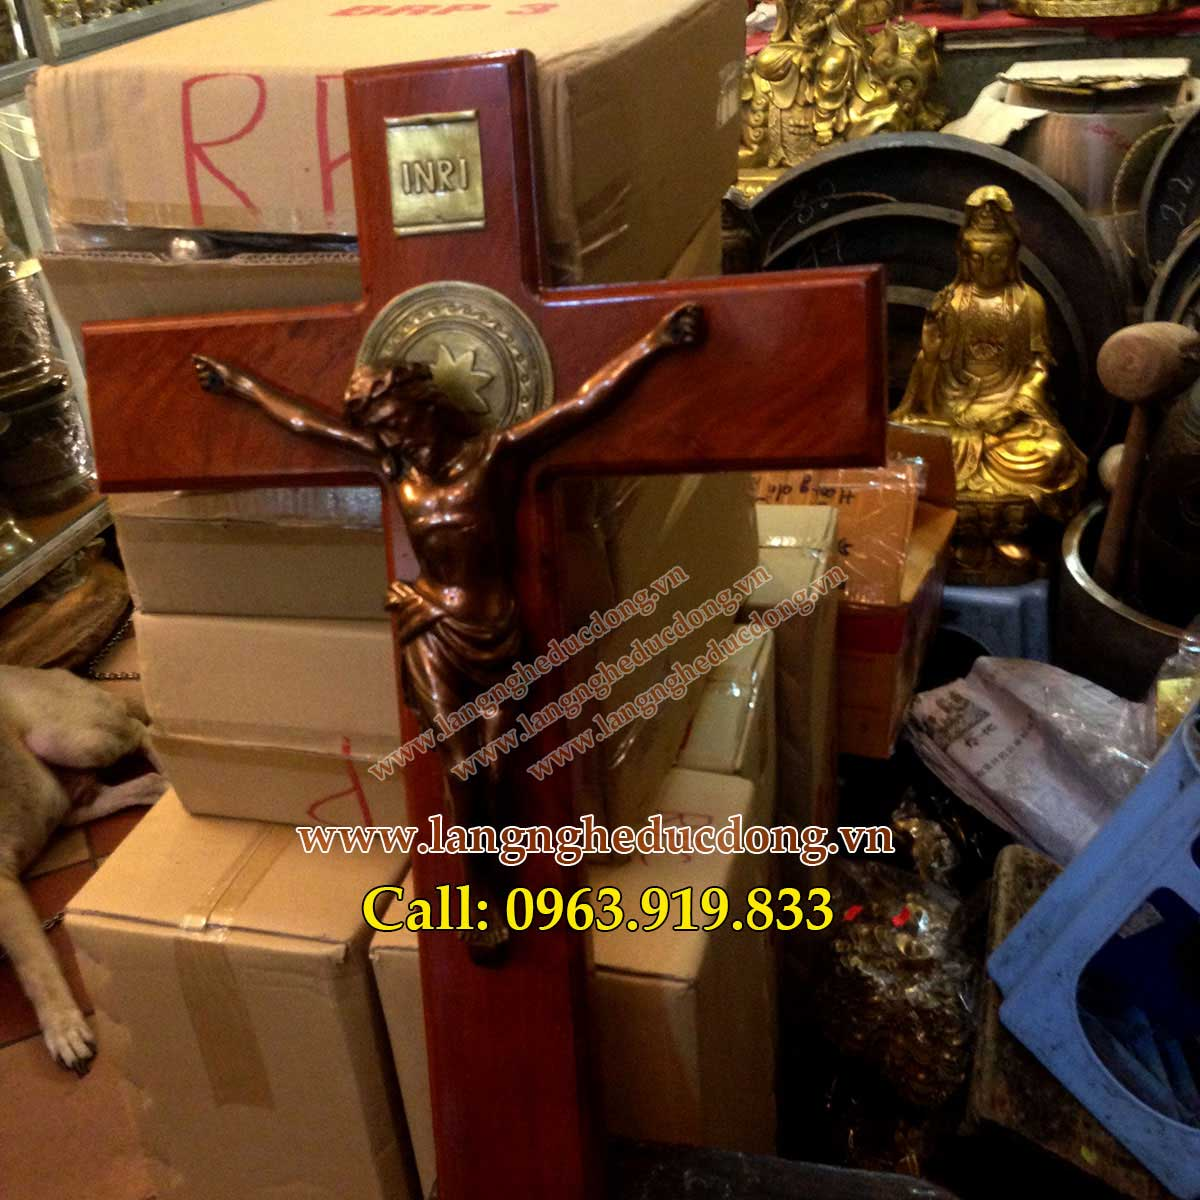 langngheducdong.vn - Thánh giá, thánh giá gỗ hương đỏ, tượng thánh giá bằng đồng đỏ